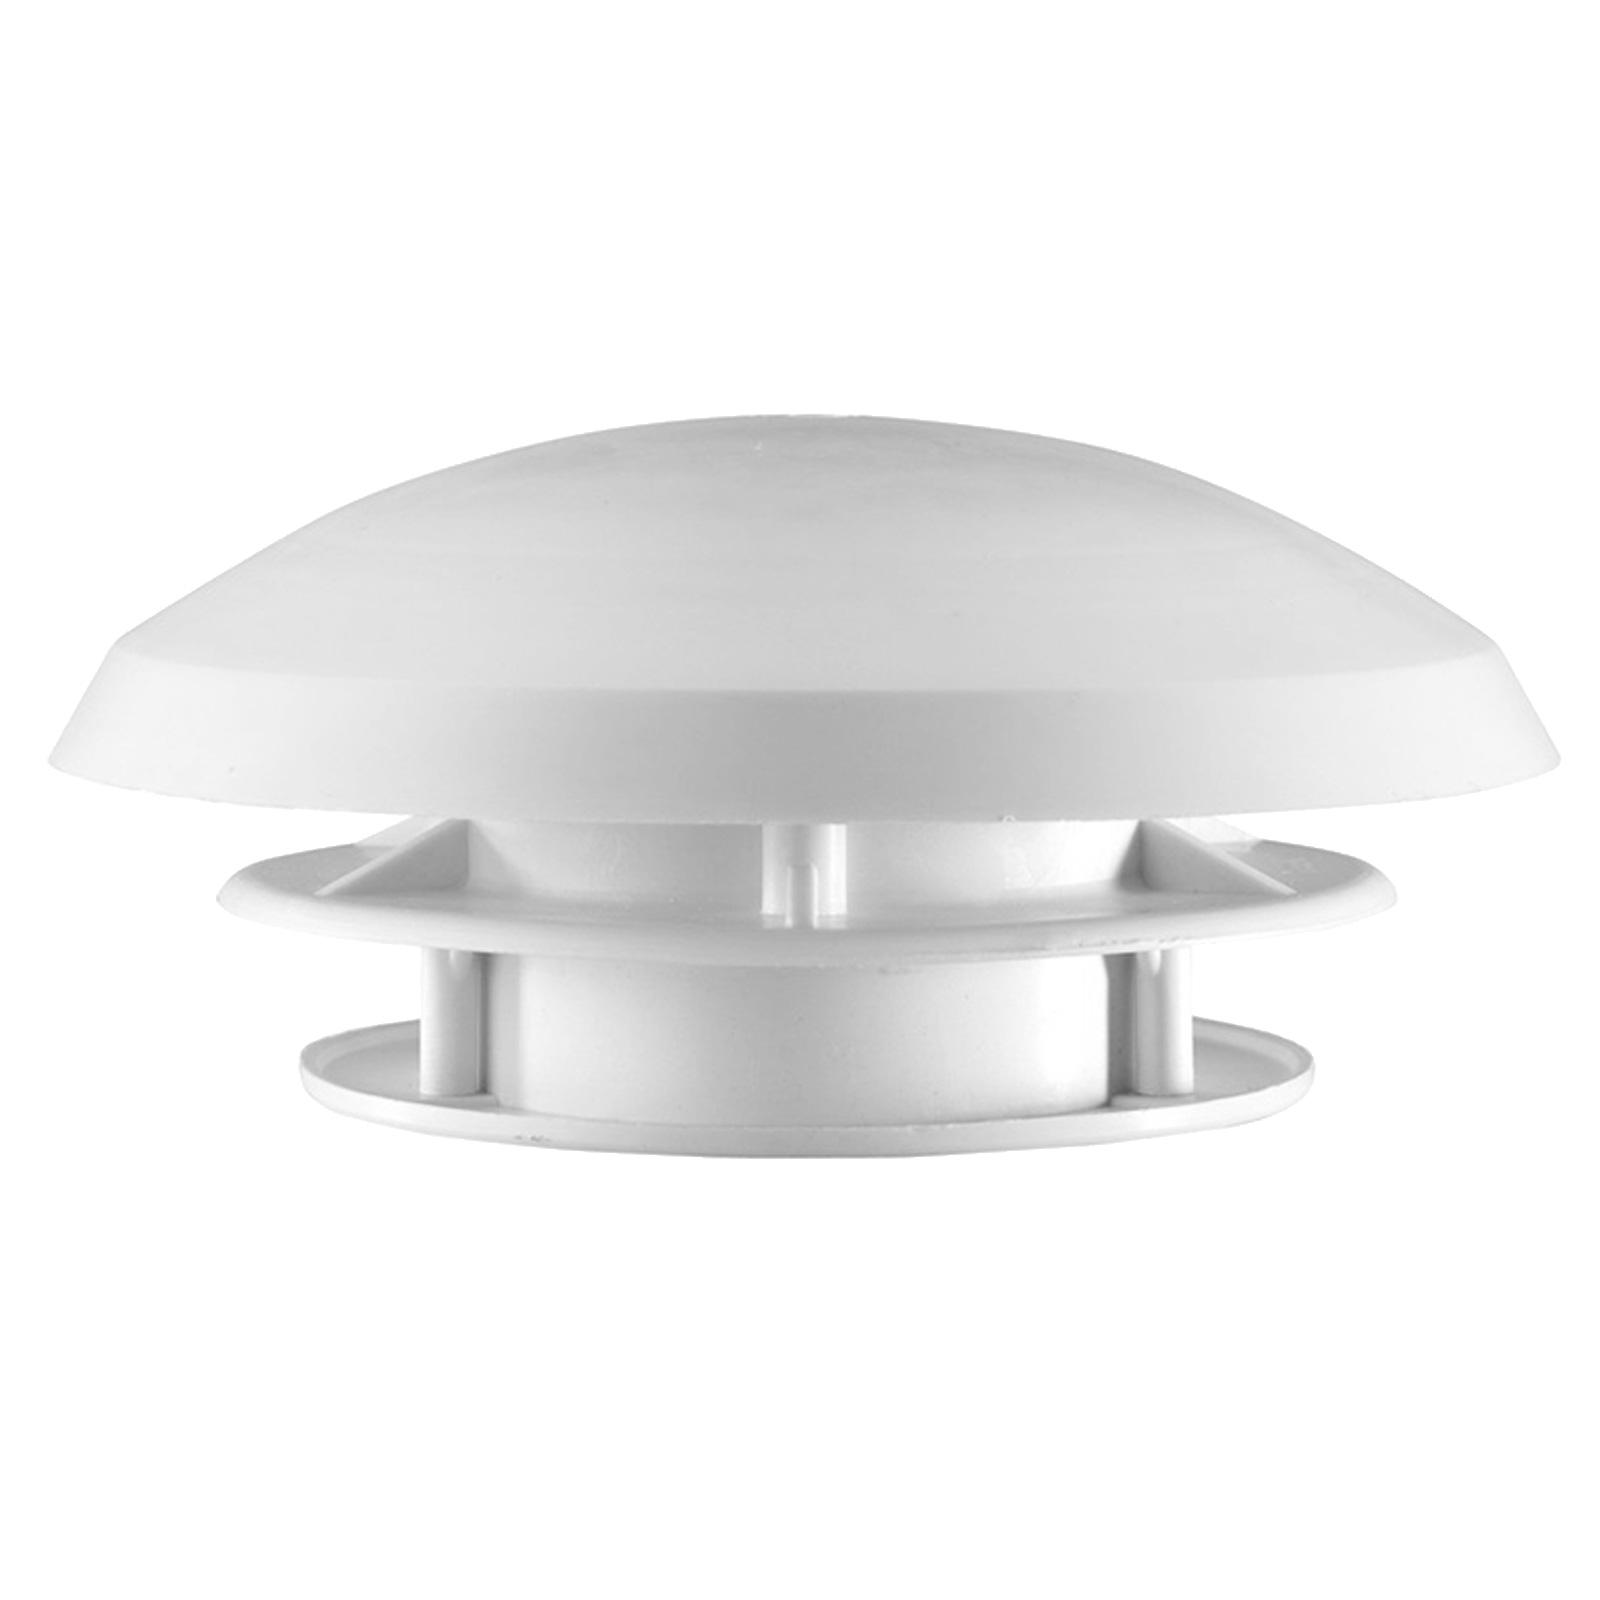 Dachlüfter Wohnmobil 20 cm weiß Dachstärke 20-45 mm Bohrung 90 mm Insektengitter